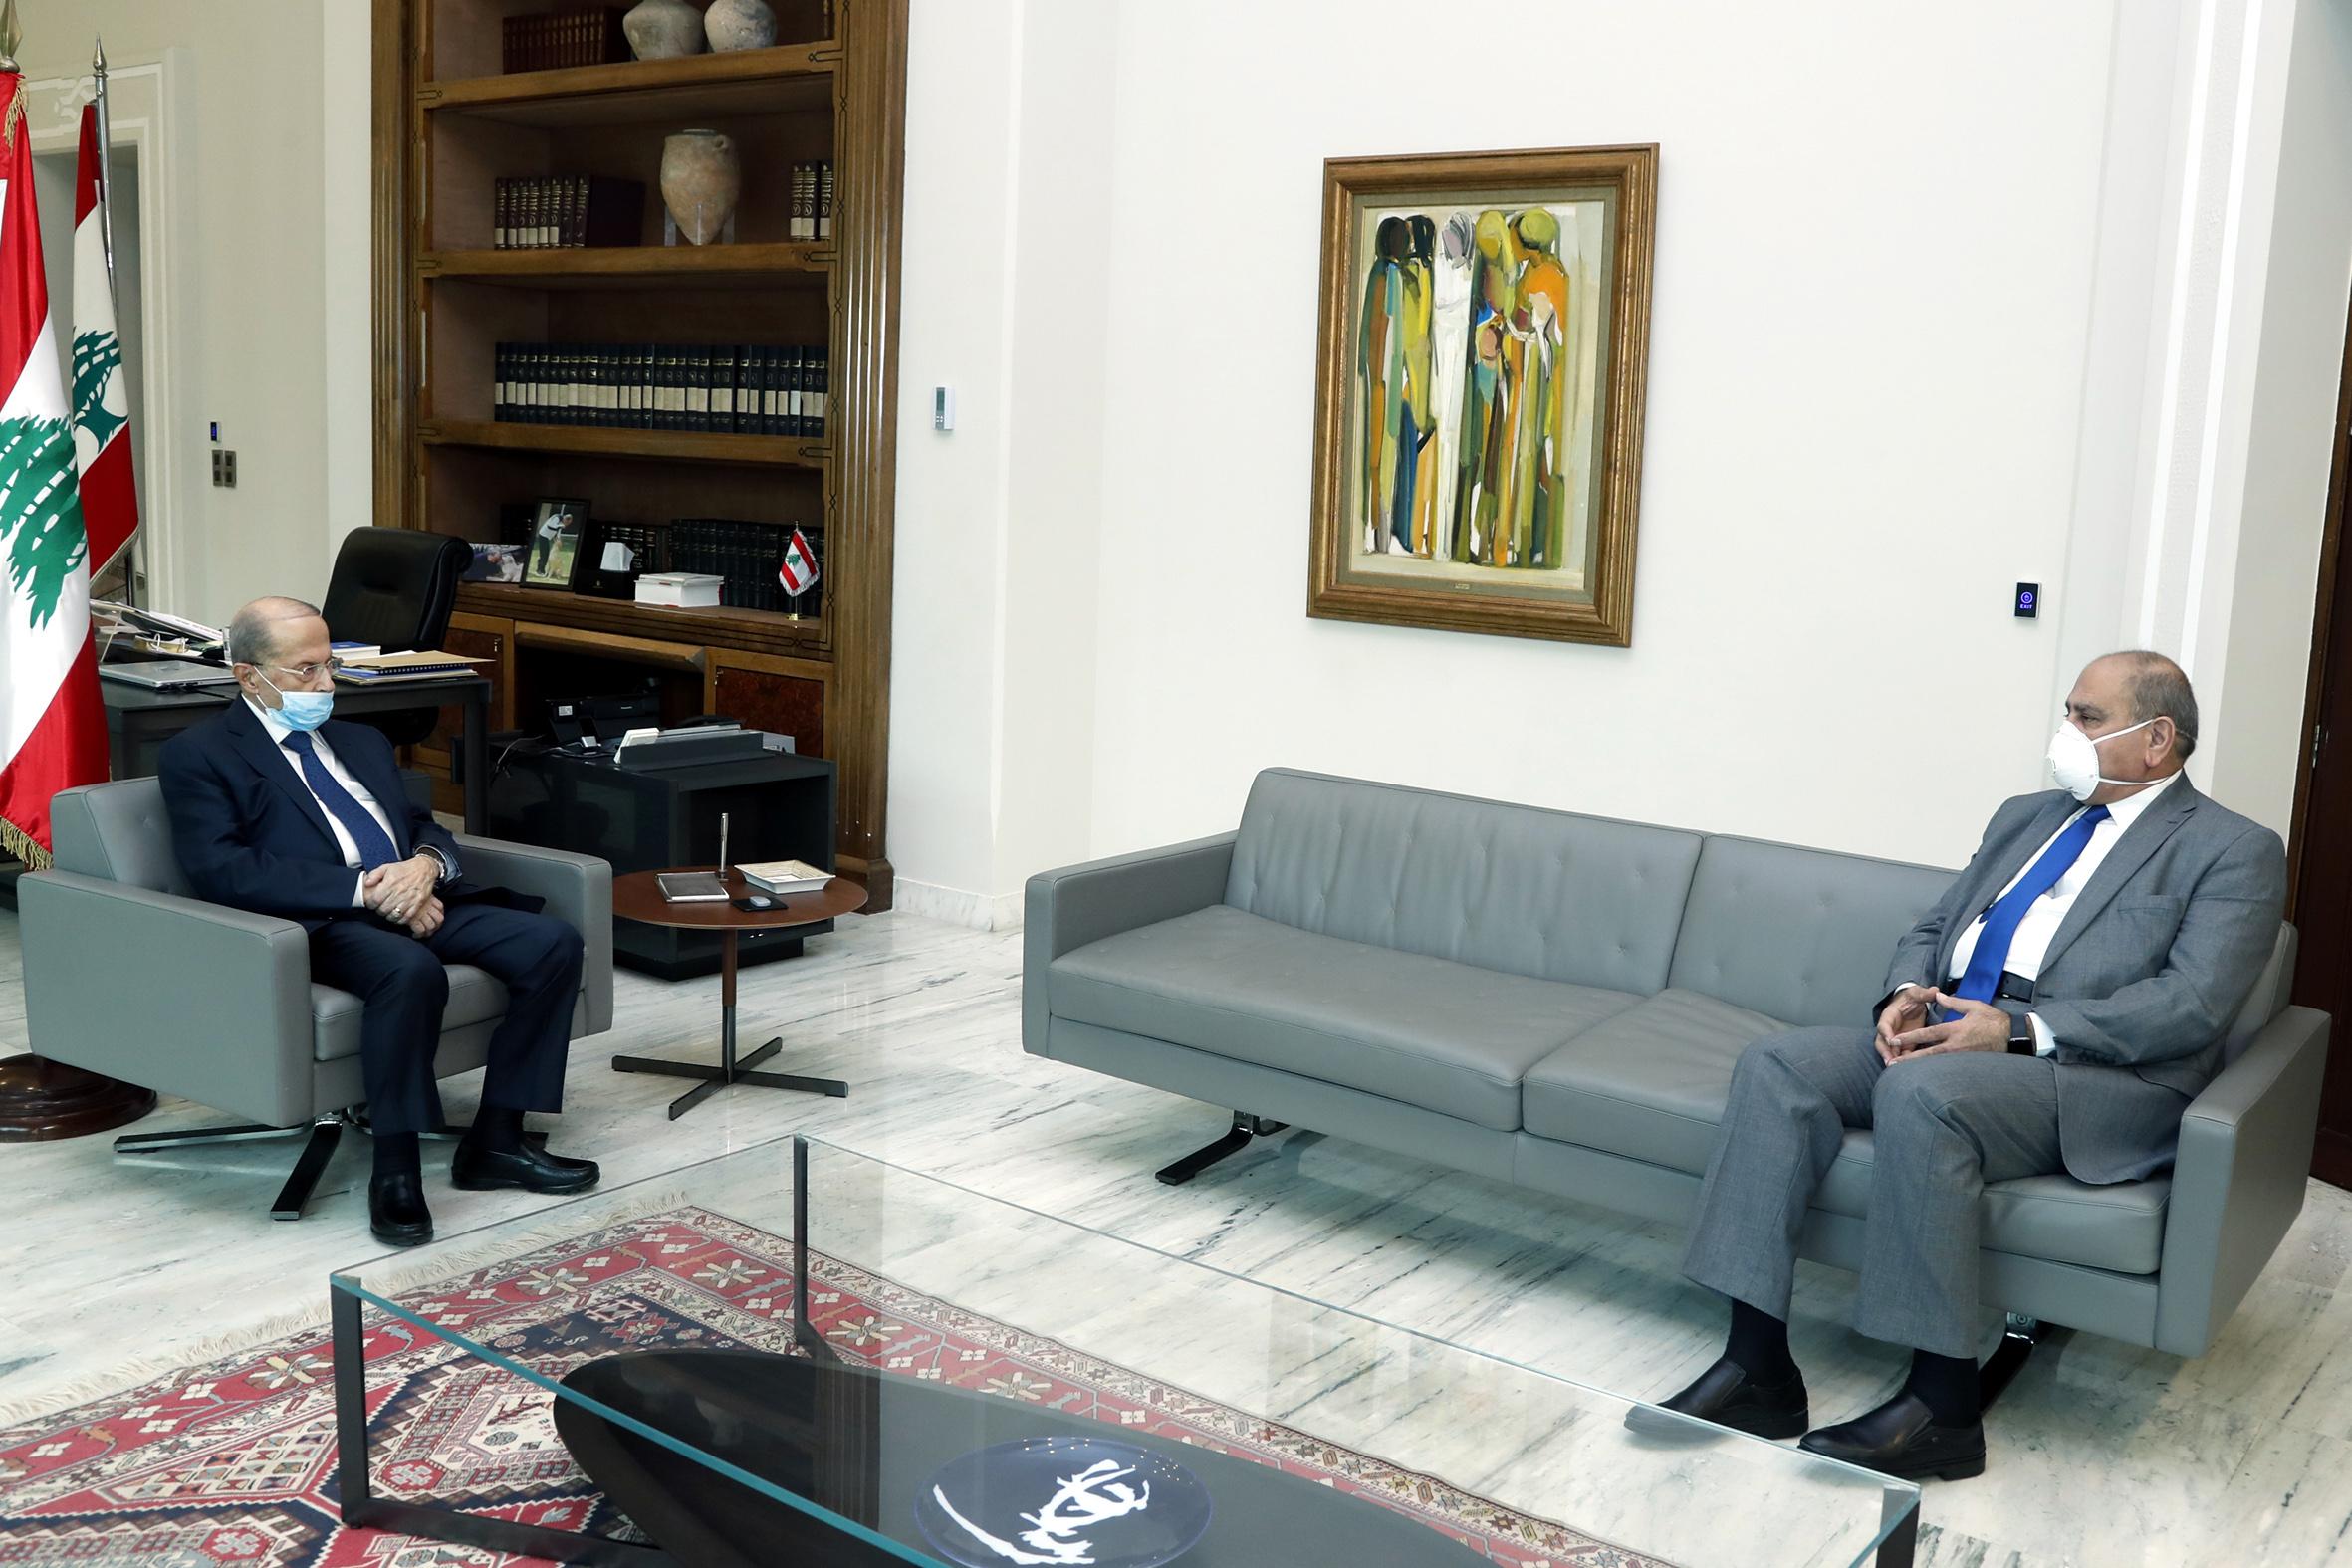 2 - Former Minister Tarek El Khatib,